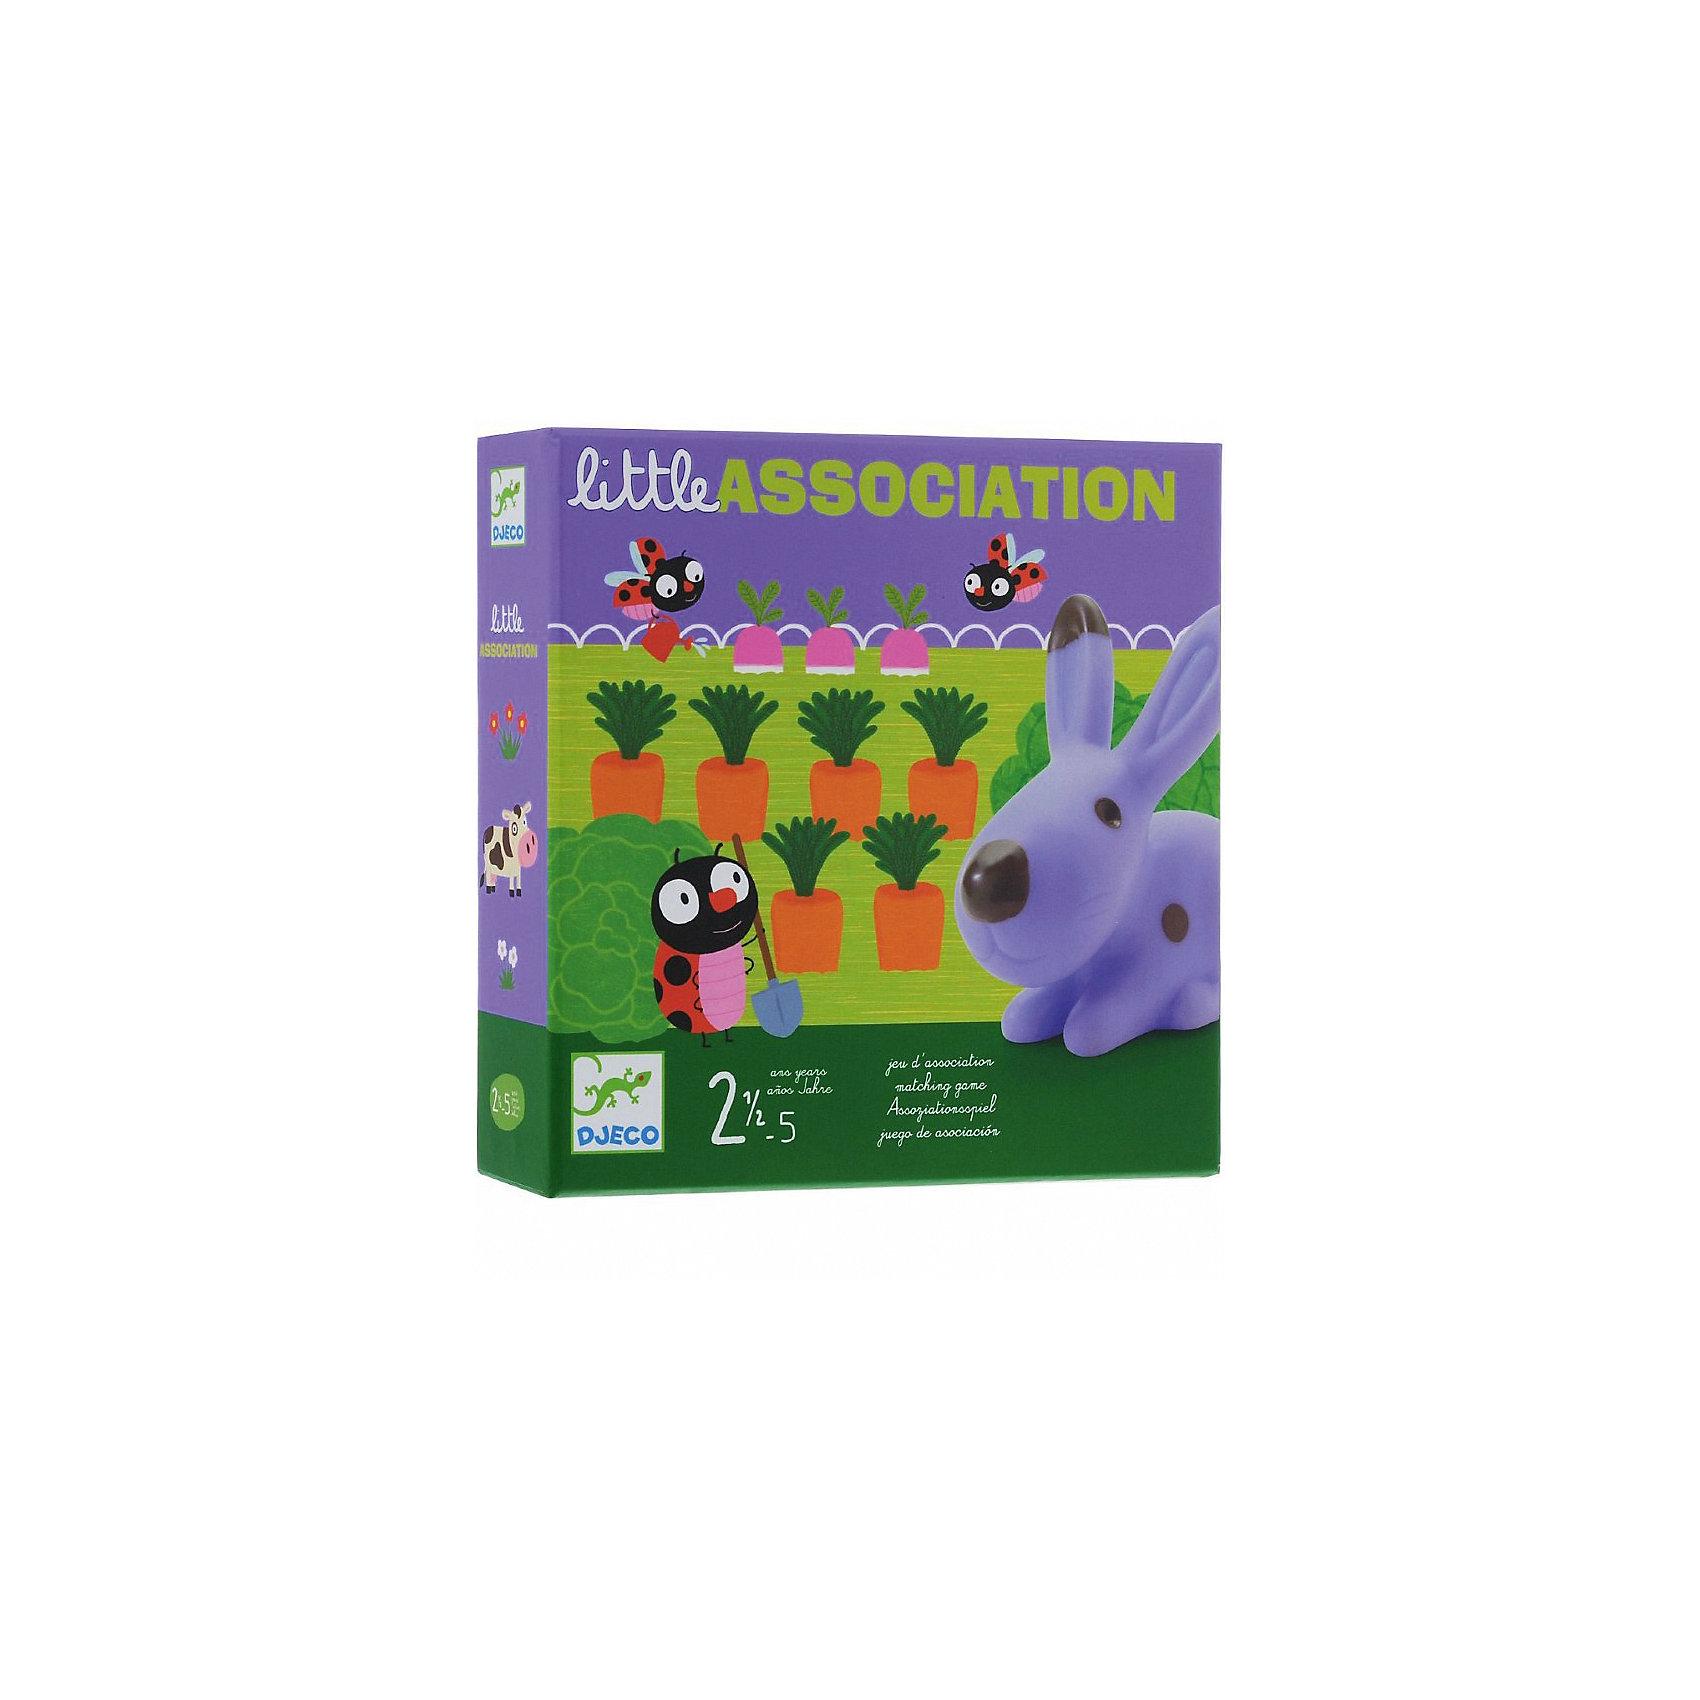 Игра на ассоциации Зверята, DJECOРазвивающие игры<br>Игра на ассоциации «Зверята» - отличная игра для малышей на развитие реакции и ассоциативного мышления. <br><br>Корова живет на лугу, лягушка в пруду, кролик в огороде. Цель игры - поставить героя (кролика, лягушку или корову) на соответствующее поле (луг, пруд или огород), на это указывают изображения на карточках. Если выпадает морковка, значит кролика нужно посадить в огород, только сделать это нужно быстро, а то кто-нибудь может оказаться проворнее. <br><br>Дополнительная информация:<br><br>- В комплекте: 3 персонажа (резиновые животные), 3 карточки с пейзажем, карточки с картинками.<br><br>Игру на ассоциации Зверята, DJECO (Джеко) можно купить в нашем магазине.<br><br>Ширина мм: 220<br>Глубина мм: 220<br>Высота мм: 50<br>Вес г: 770<br>Возраст от месяцев: 24<br>Возраст до месяцев: 60<br>Пол: Унисекс<br>Возраст: Детский<br>SKU: 3193448